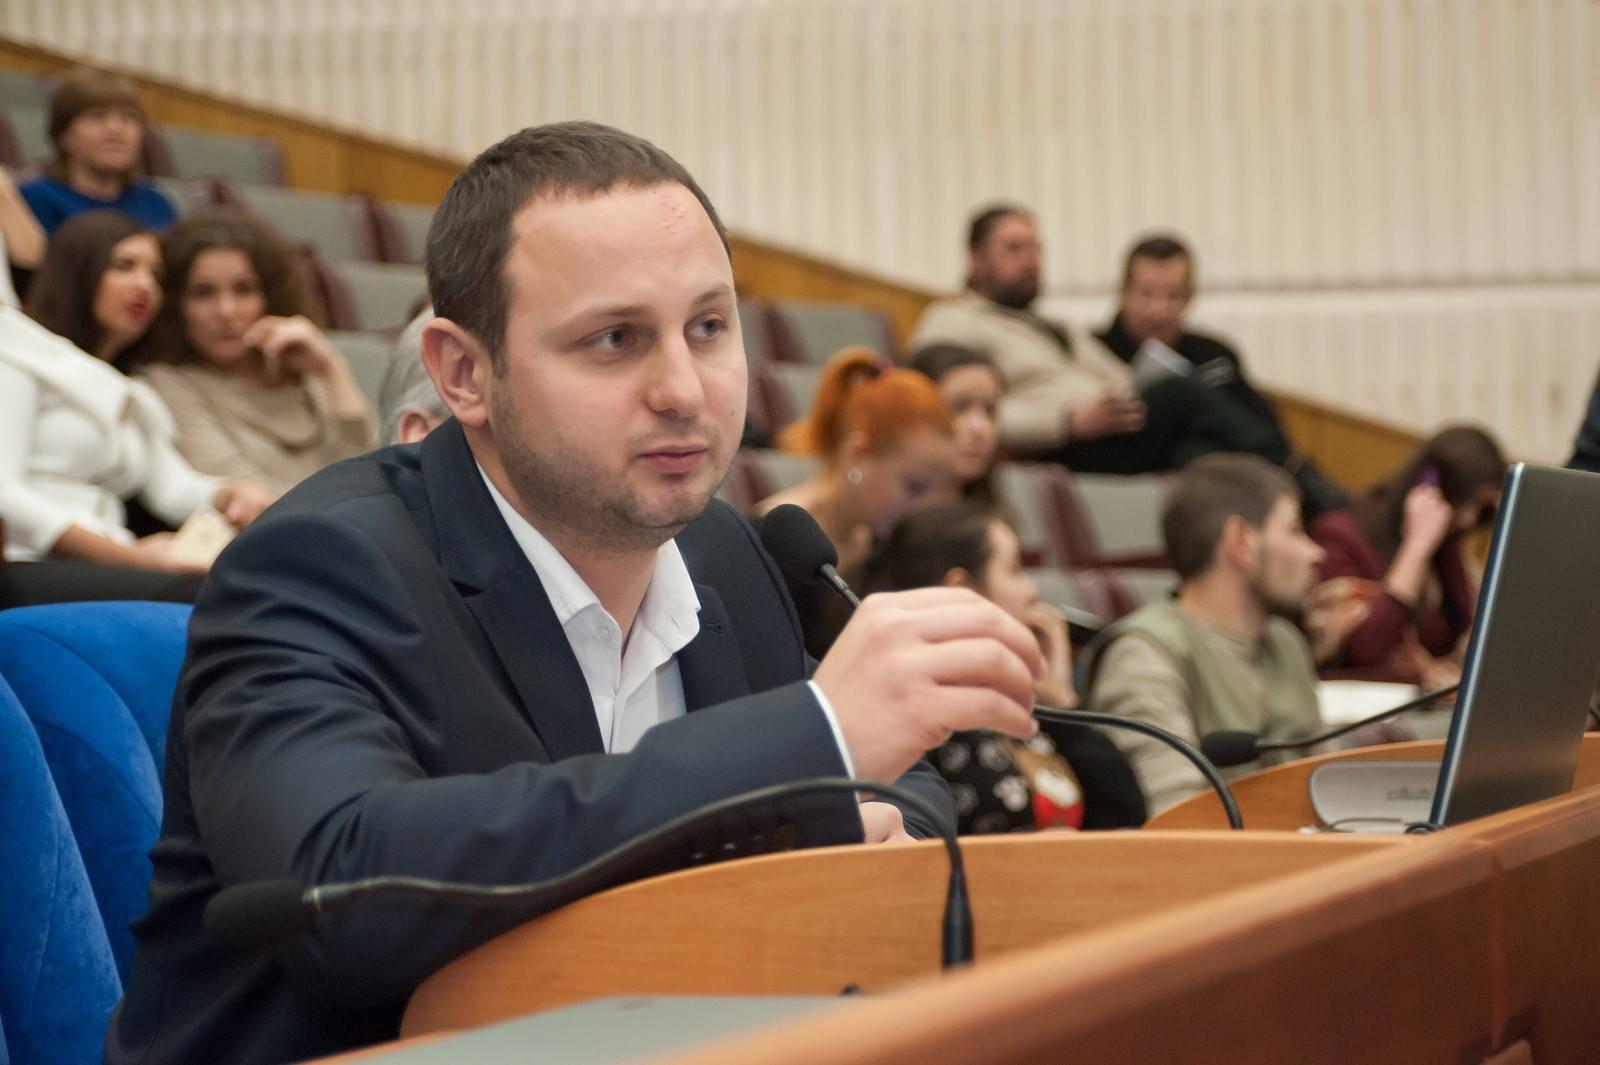 Запорожский депутат и бизнесмен Артур Гатунок заработал 5 миллионов гривен и выкупил корпоративные права фирмы-застройщика